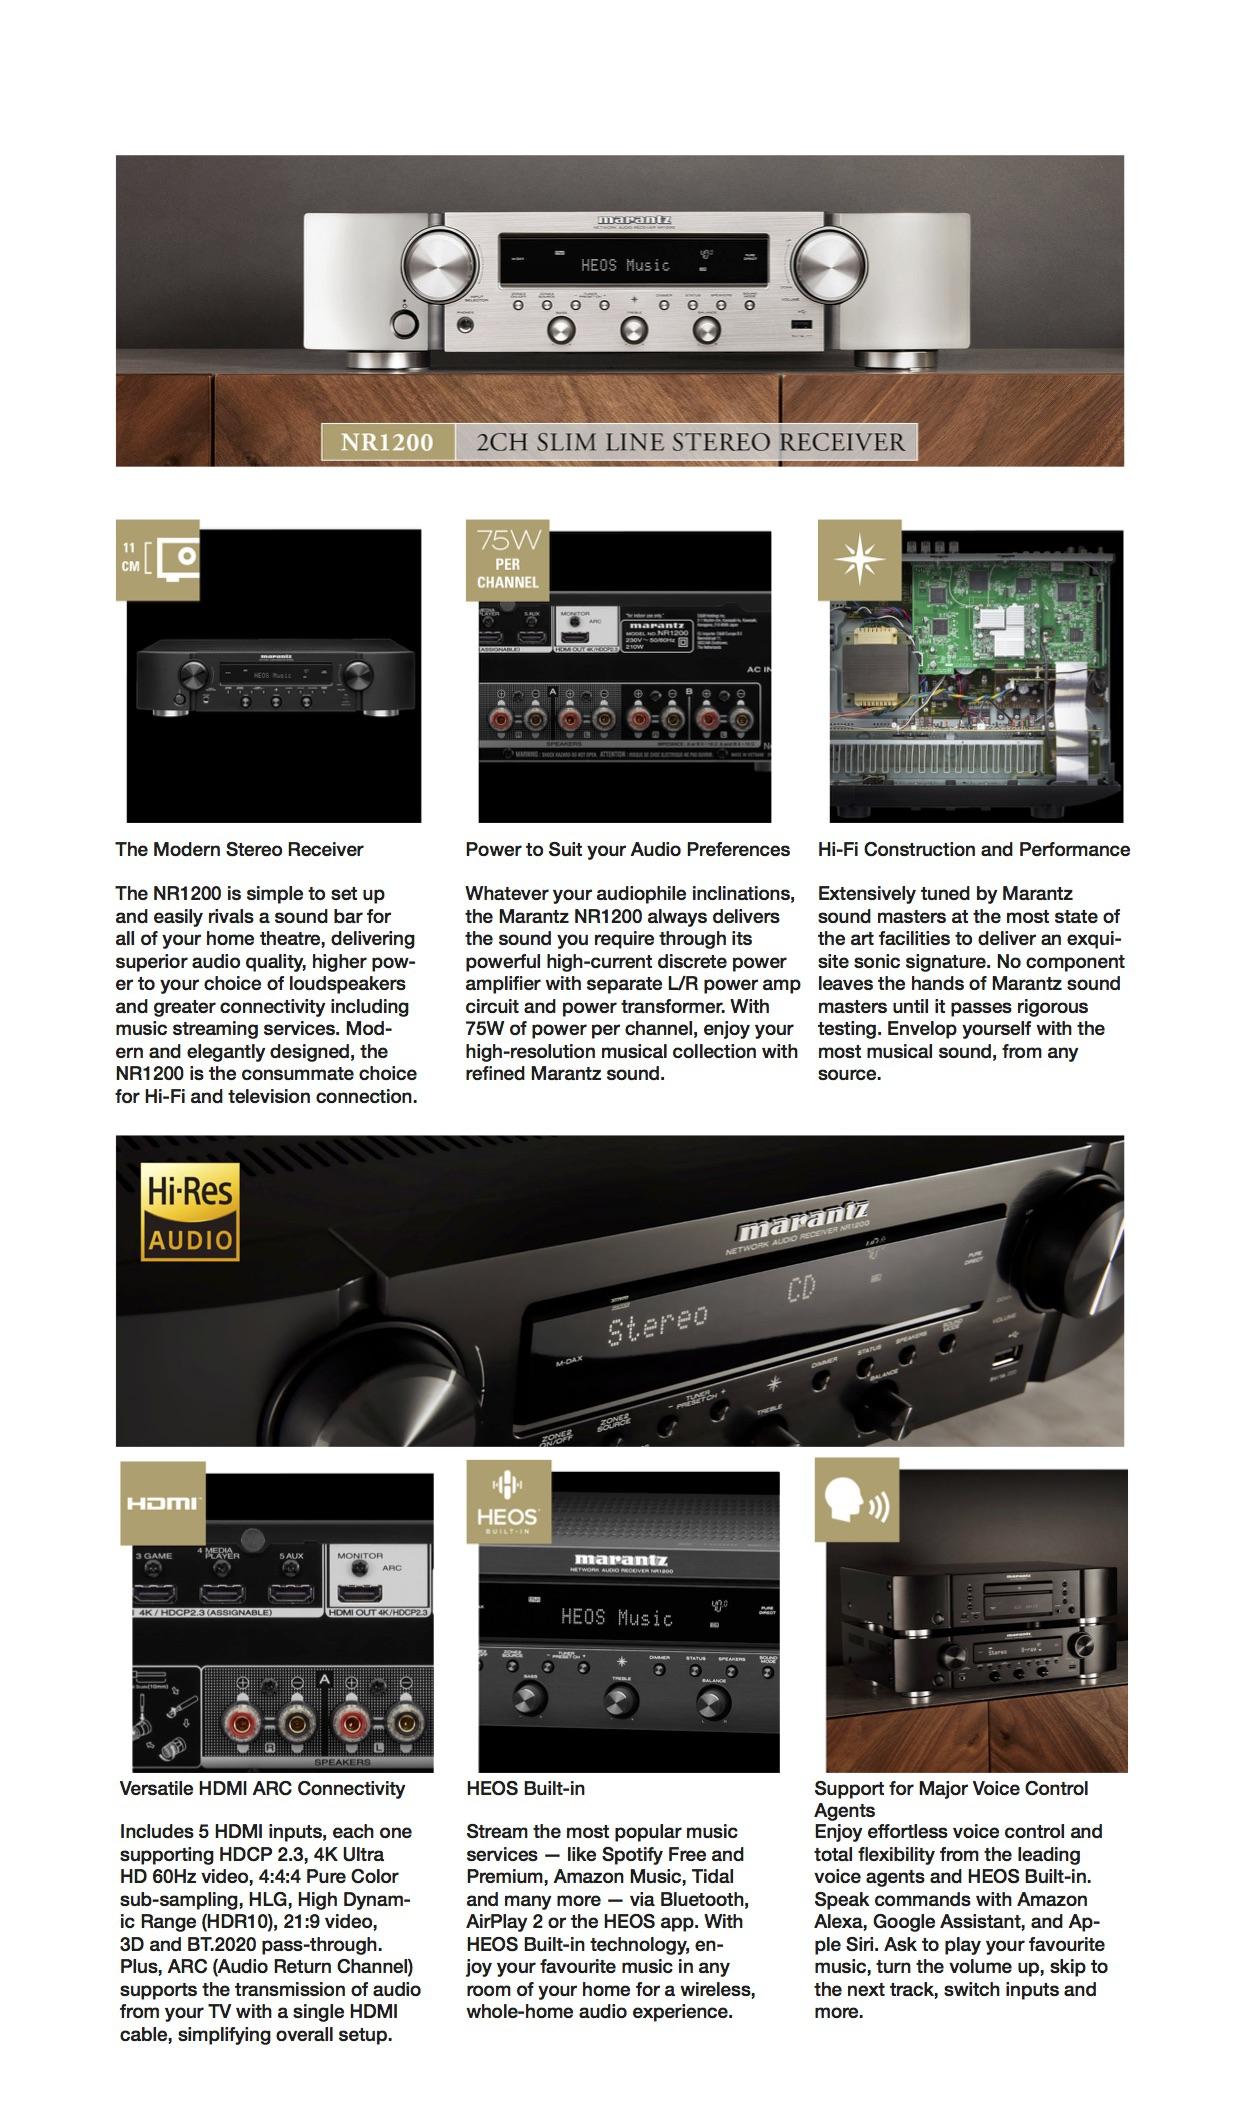 Marantz NR1200 Premium Content